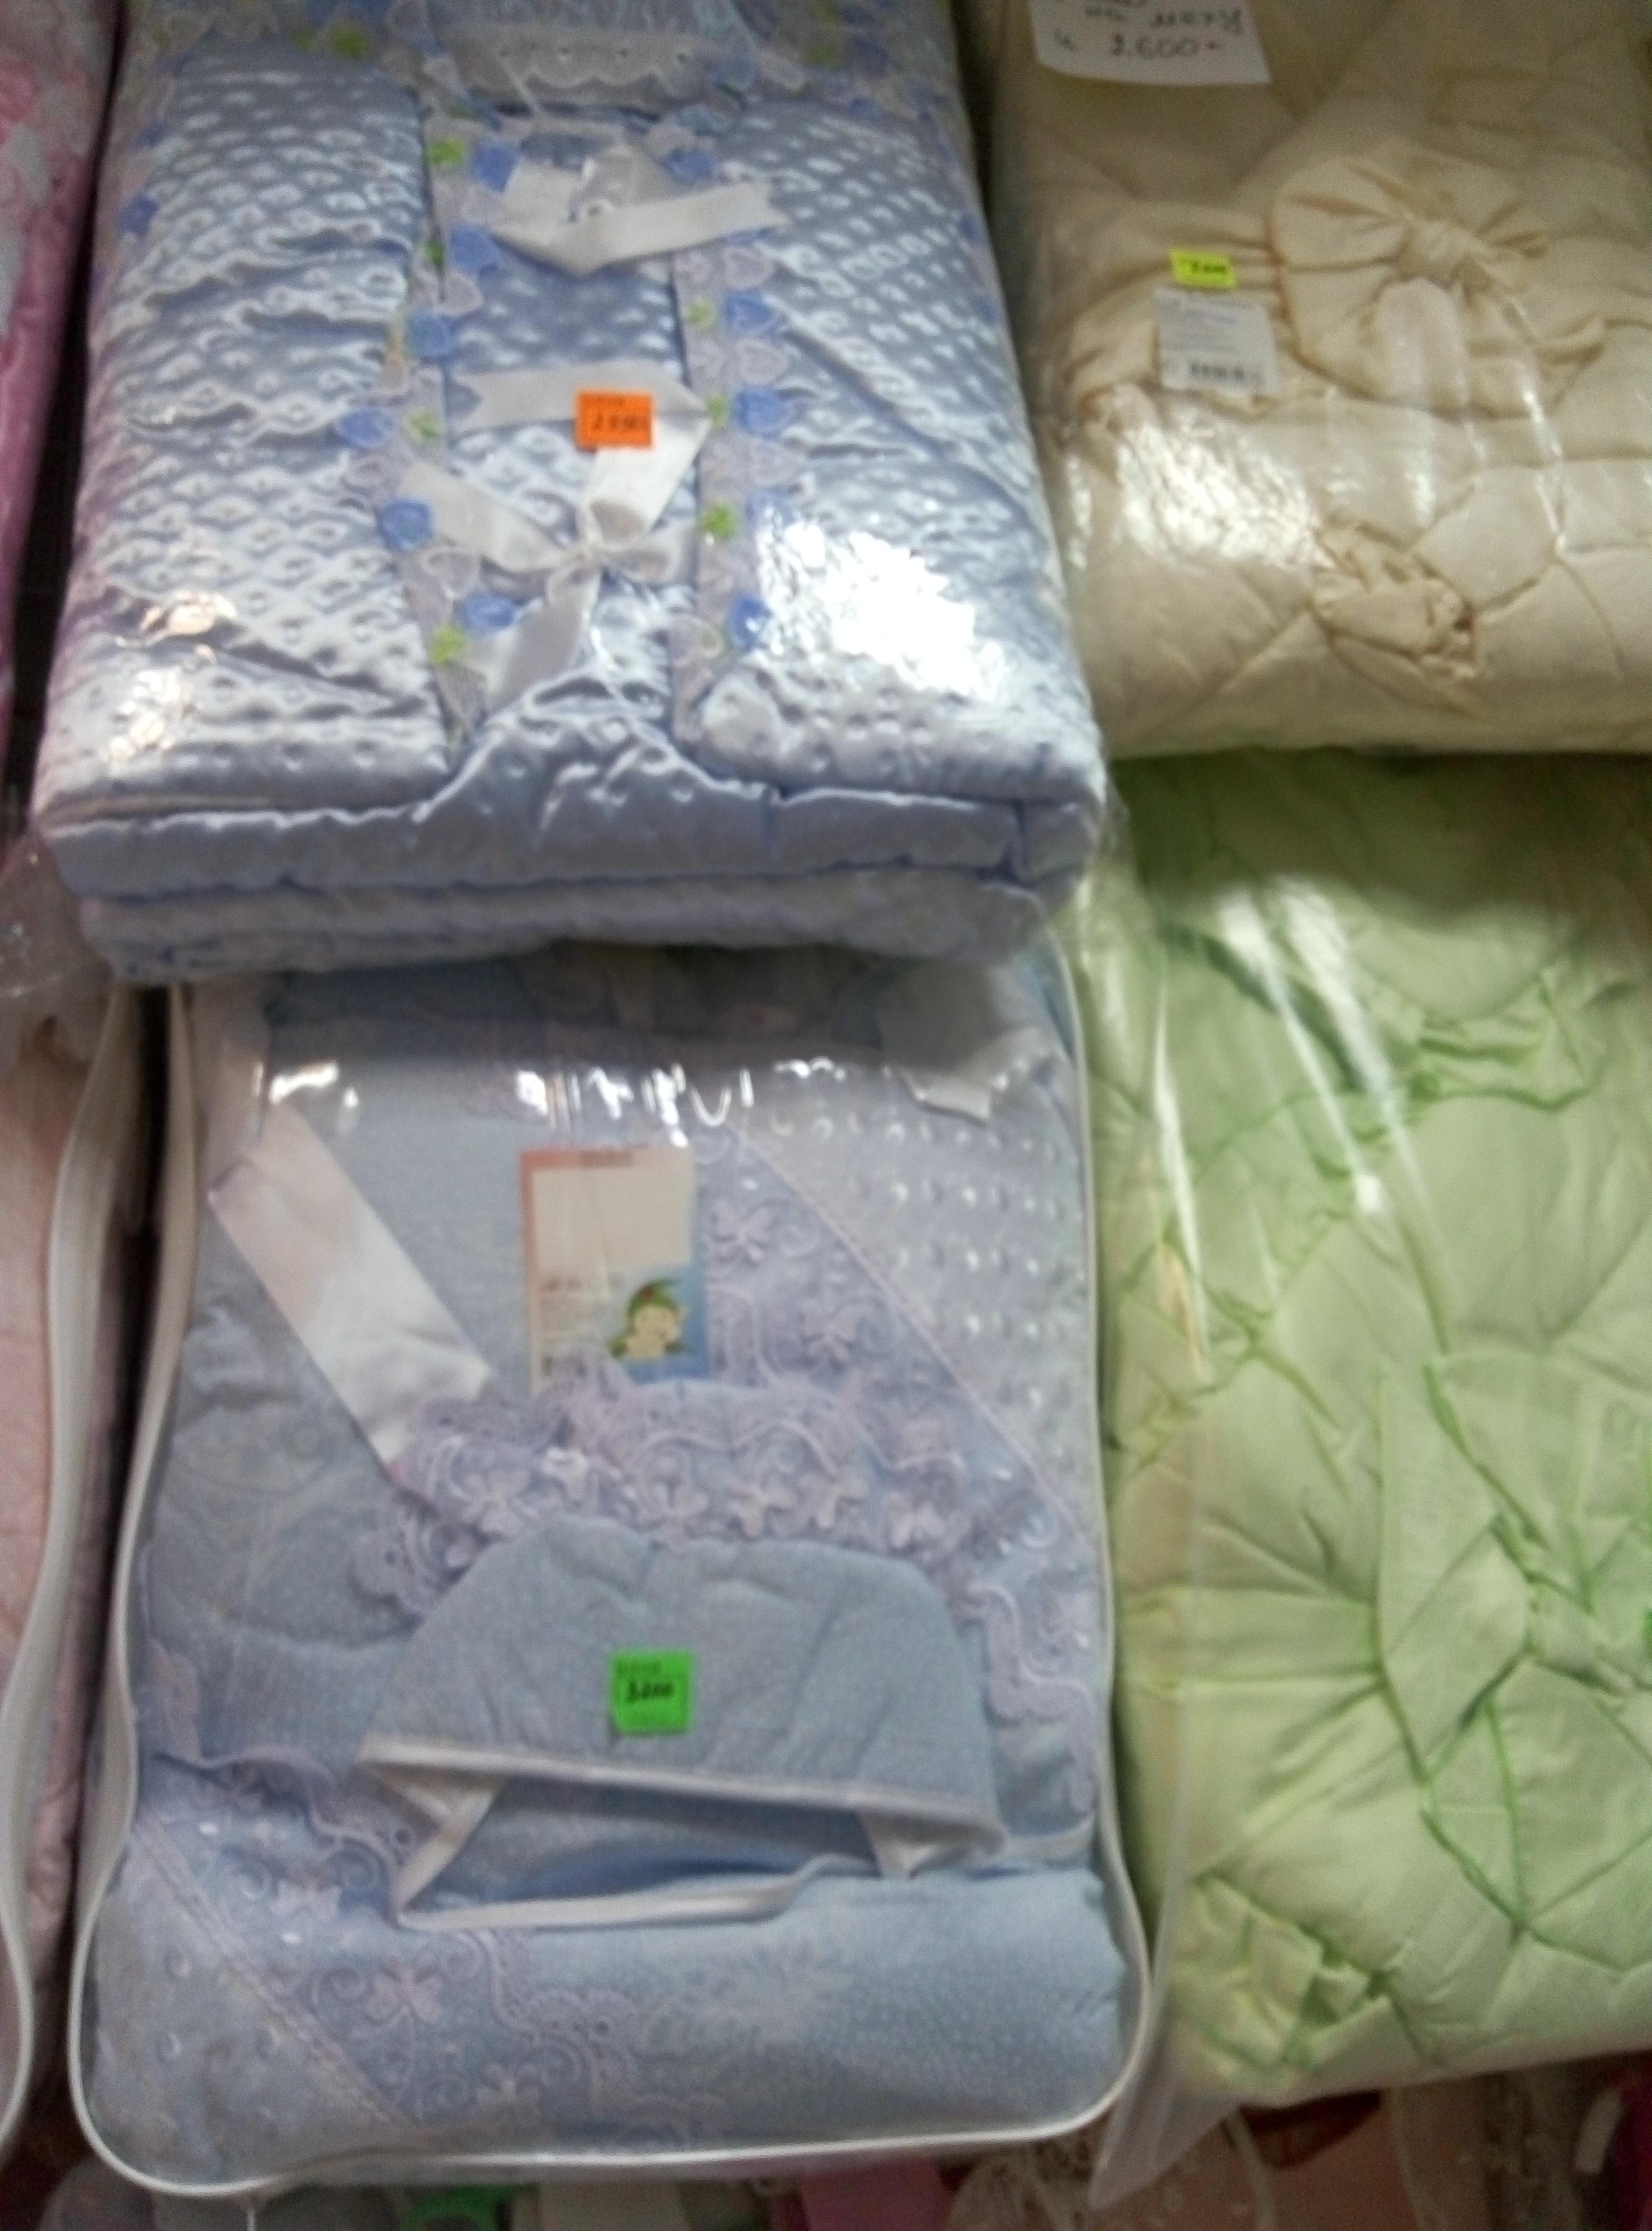 Комплекты на выписку(зима,синтепон) Х/Б , кружева, одеяло+конверт. Цвет:голубой,розовый. Цена:3200р. Одеяло на меху. Цена:1100р. Цвет:Желтый,зеленый.